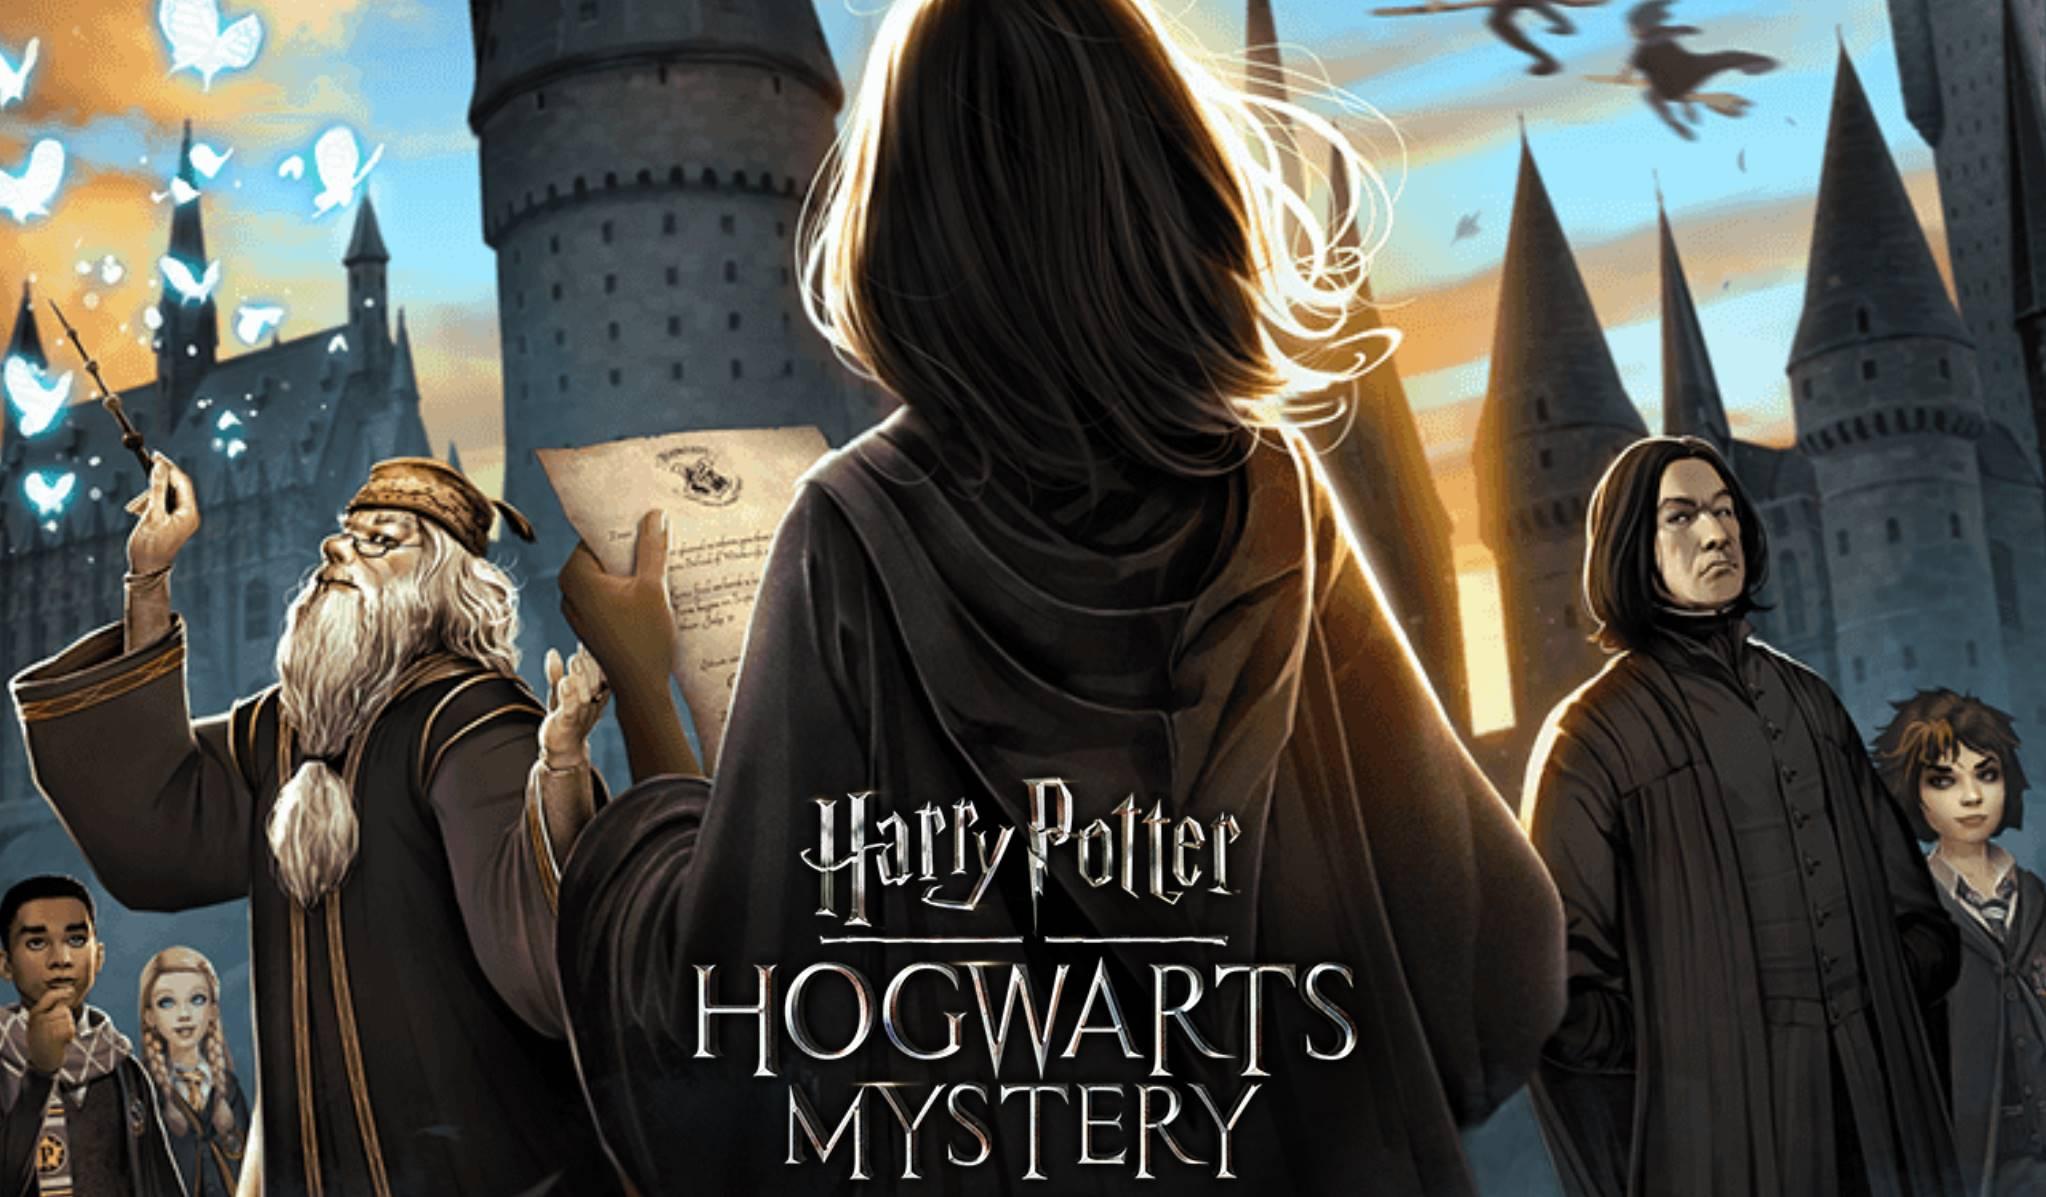 Harry Potter: Hogwarts Mystery pro mobily vás vtáhne do Bradavic, ale nic navíc nepřidá – recenze